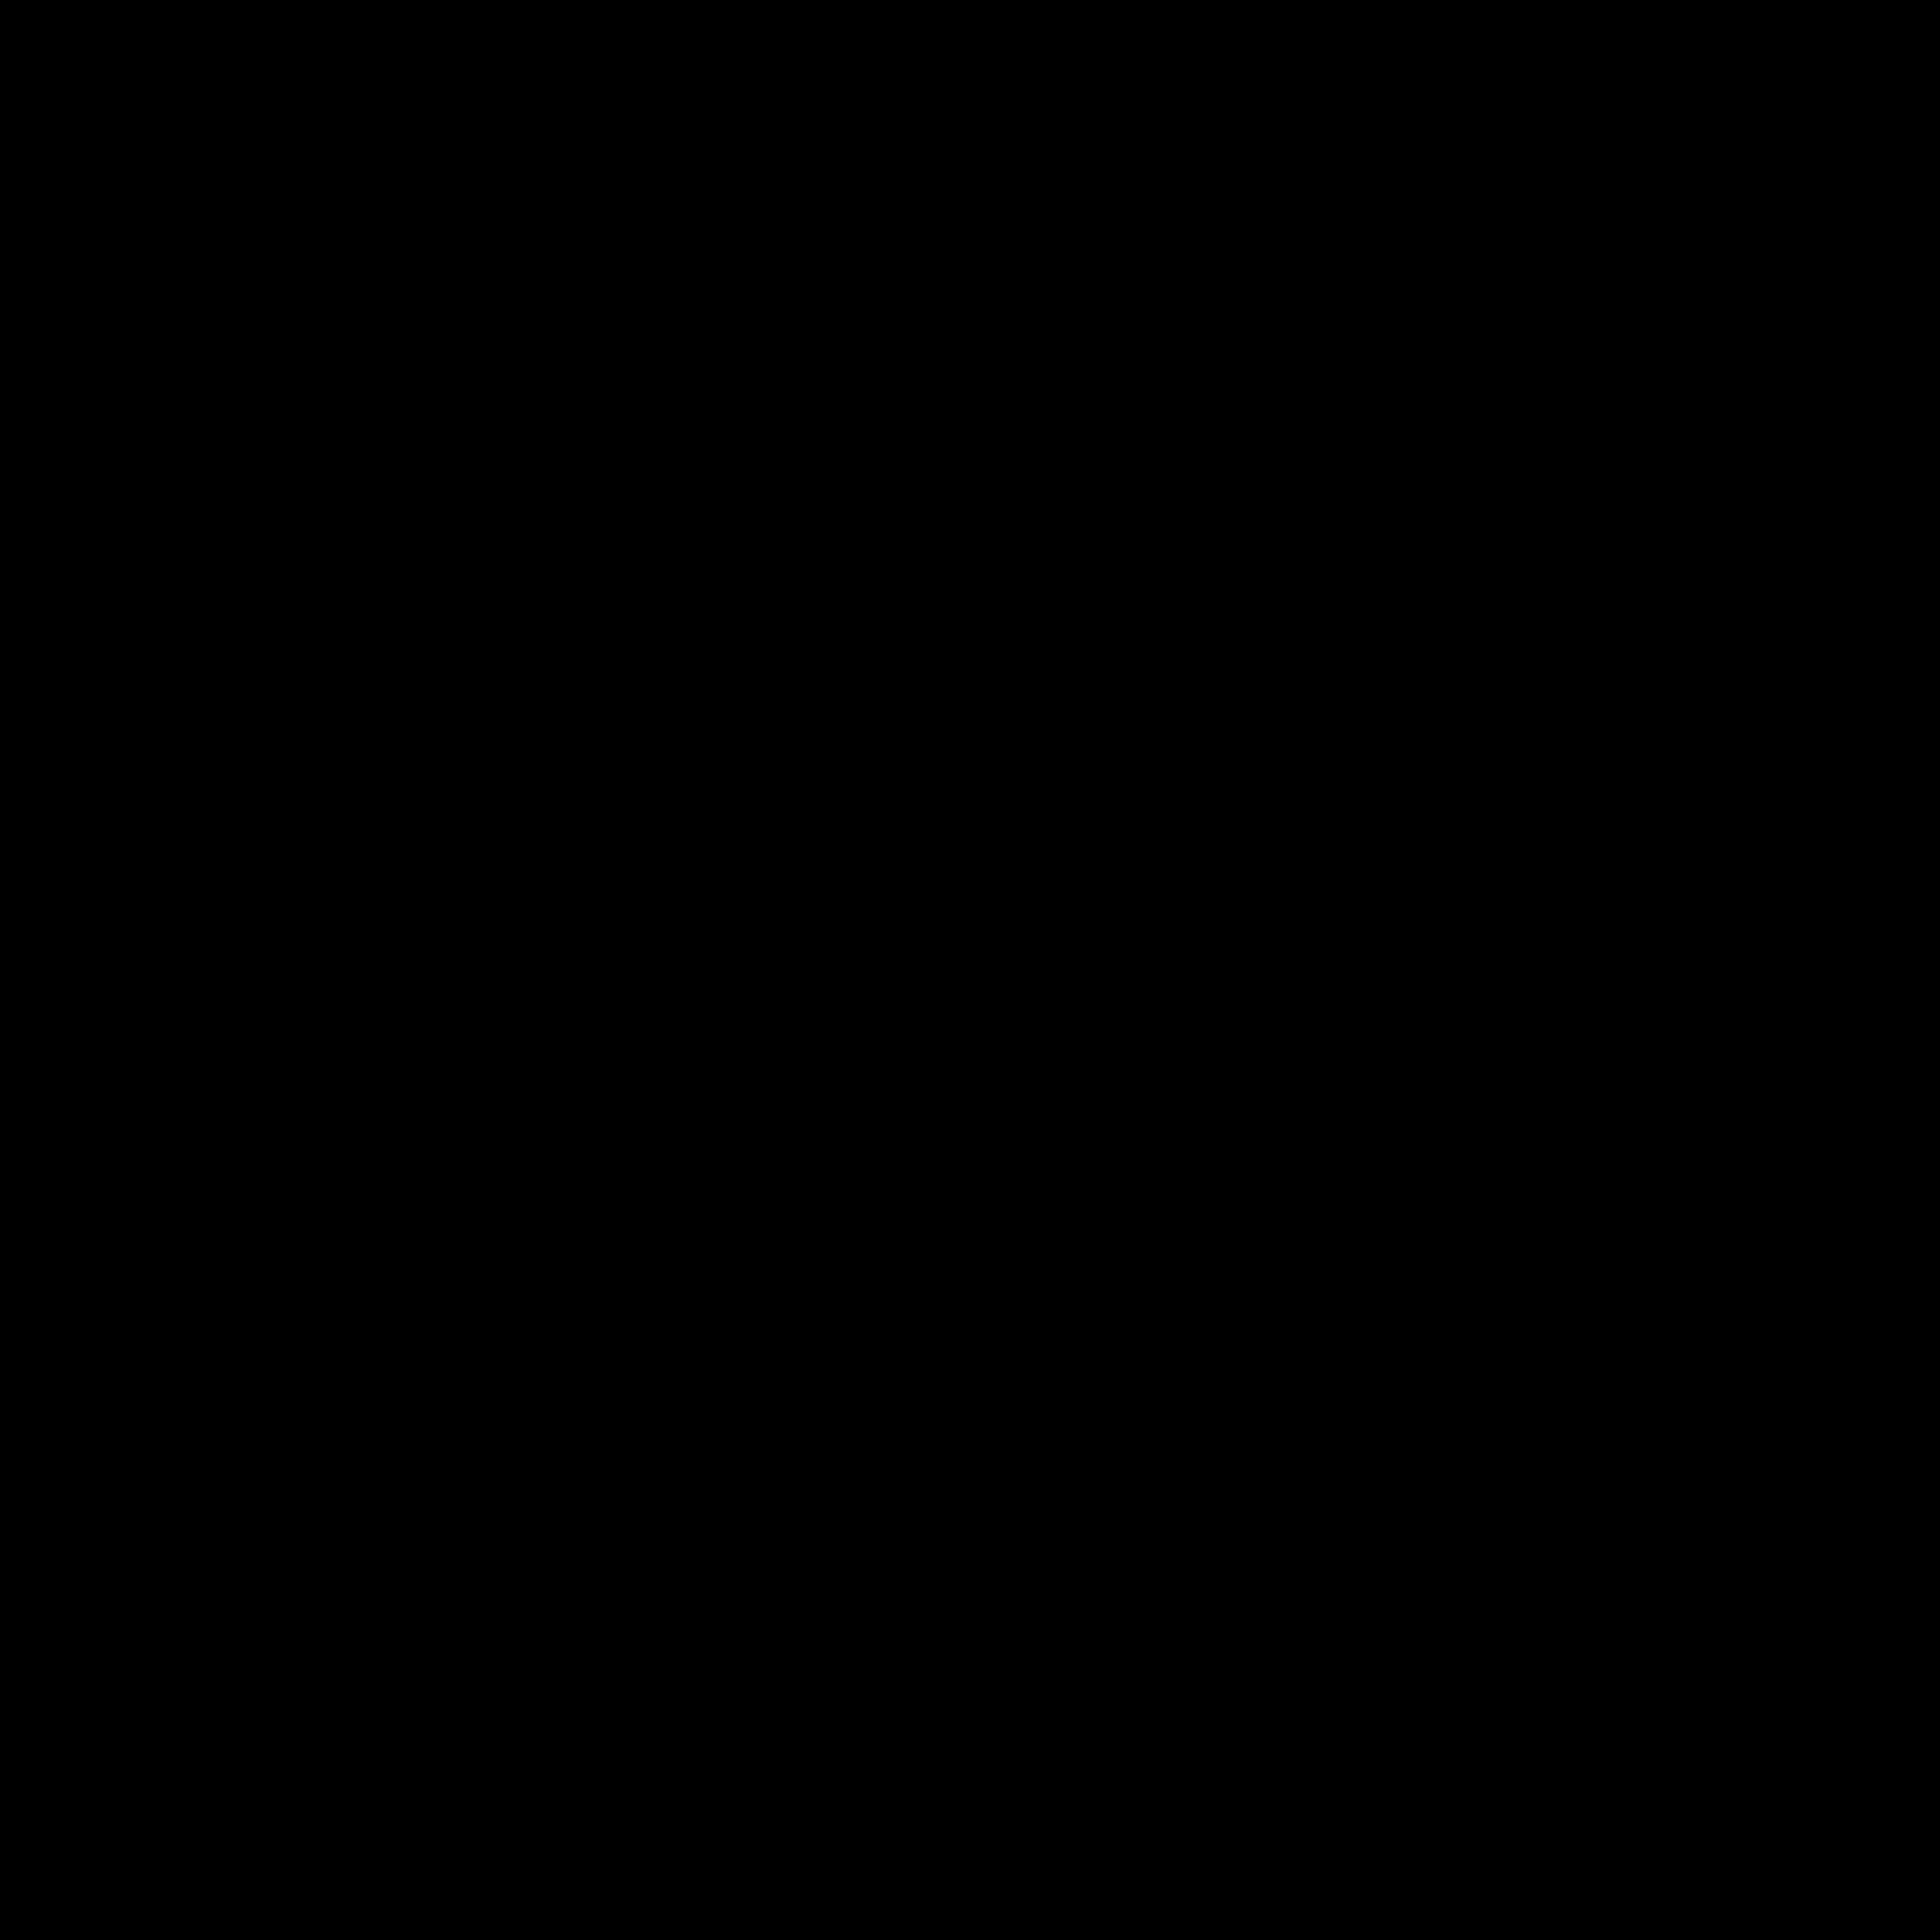 nec-3-logo-png-transparent.png